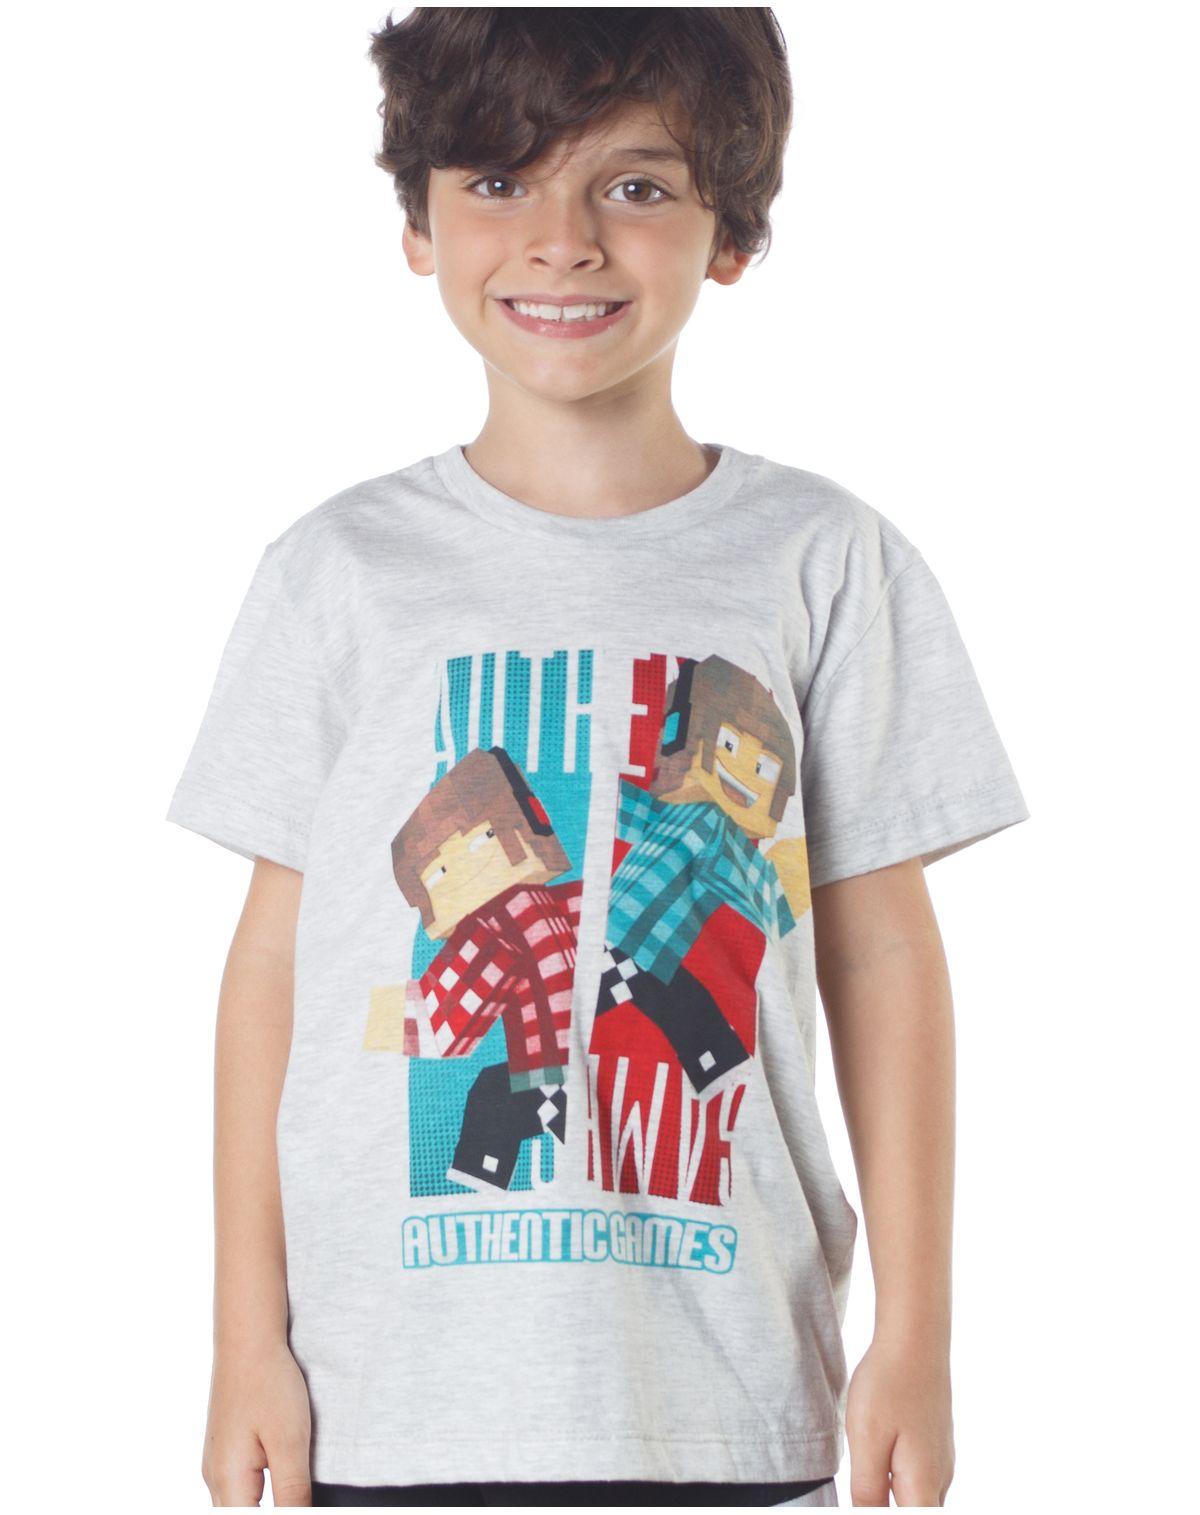 559601007-camiseta-manga-curta-infantil-menino-authentic-game-mescla-8-485